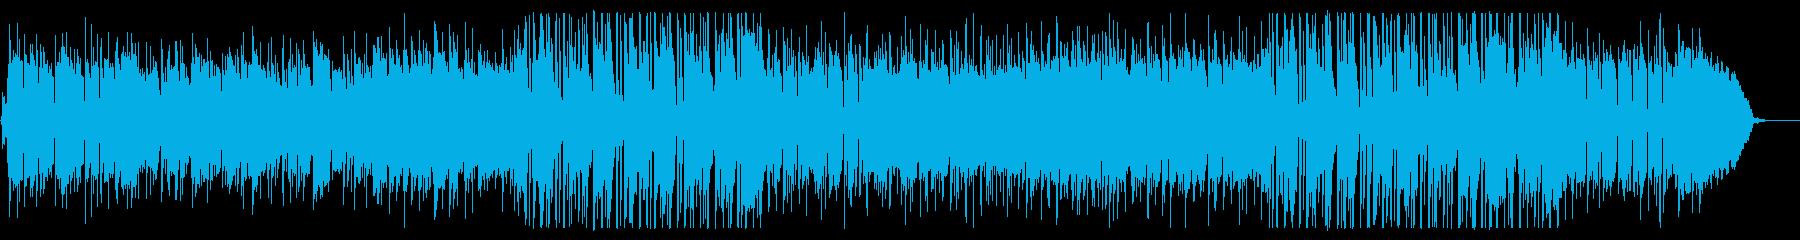 ハーモニカが奏でるフォーキーなポップスの再生済みの波形